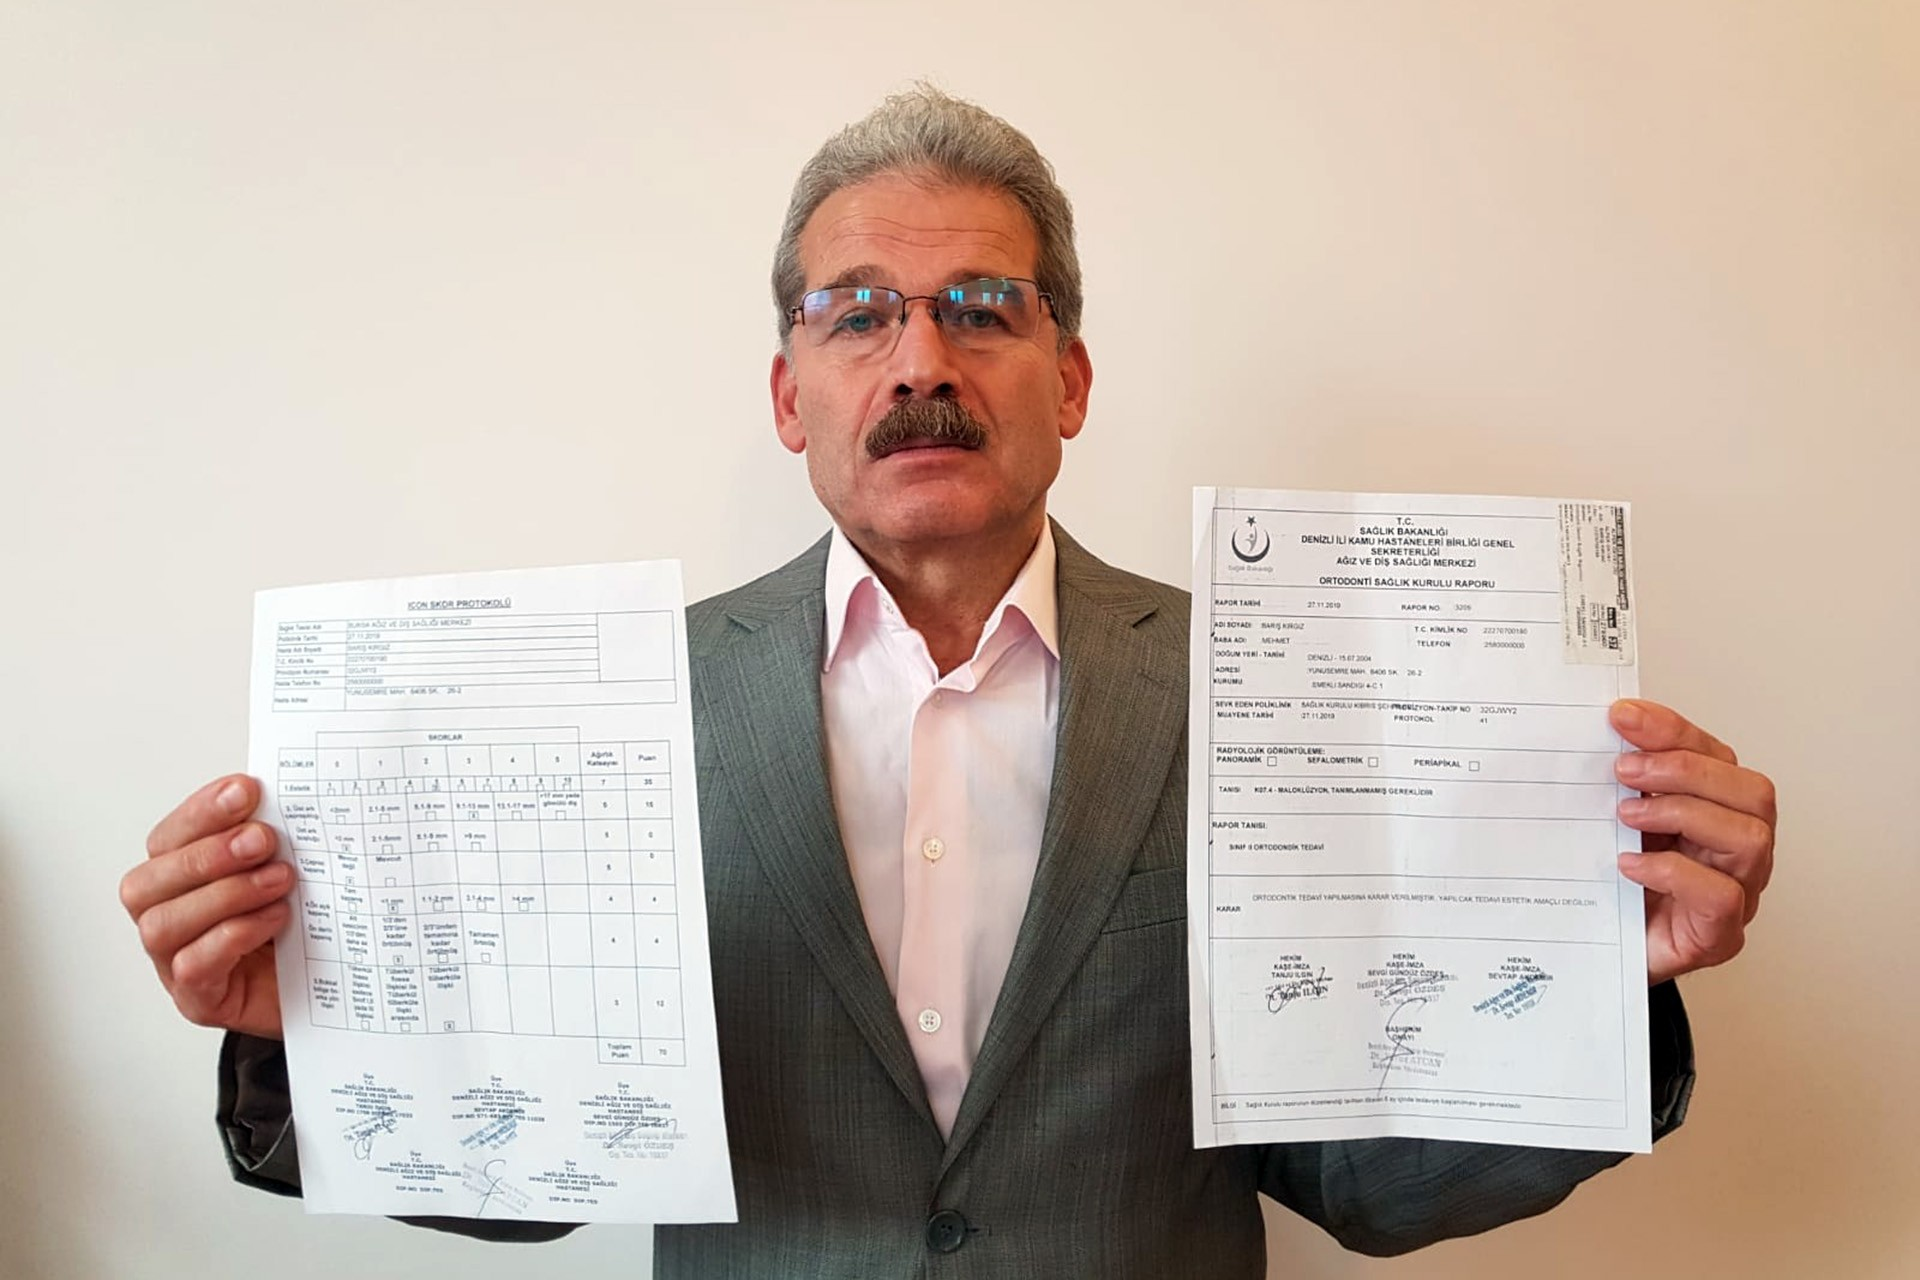 Mehmet Kırgız Diş tedavisi için alınan belgeleri gösteriyor